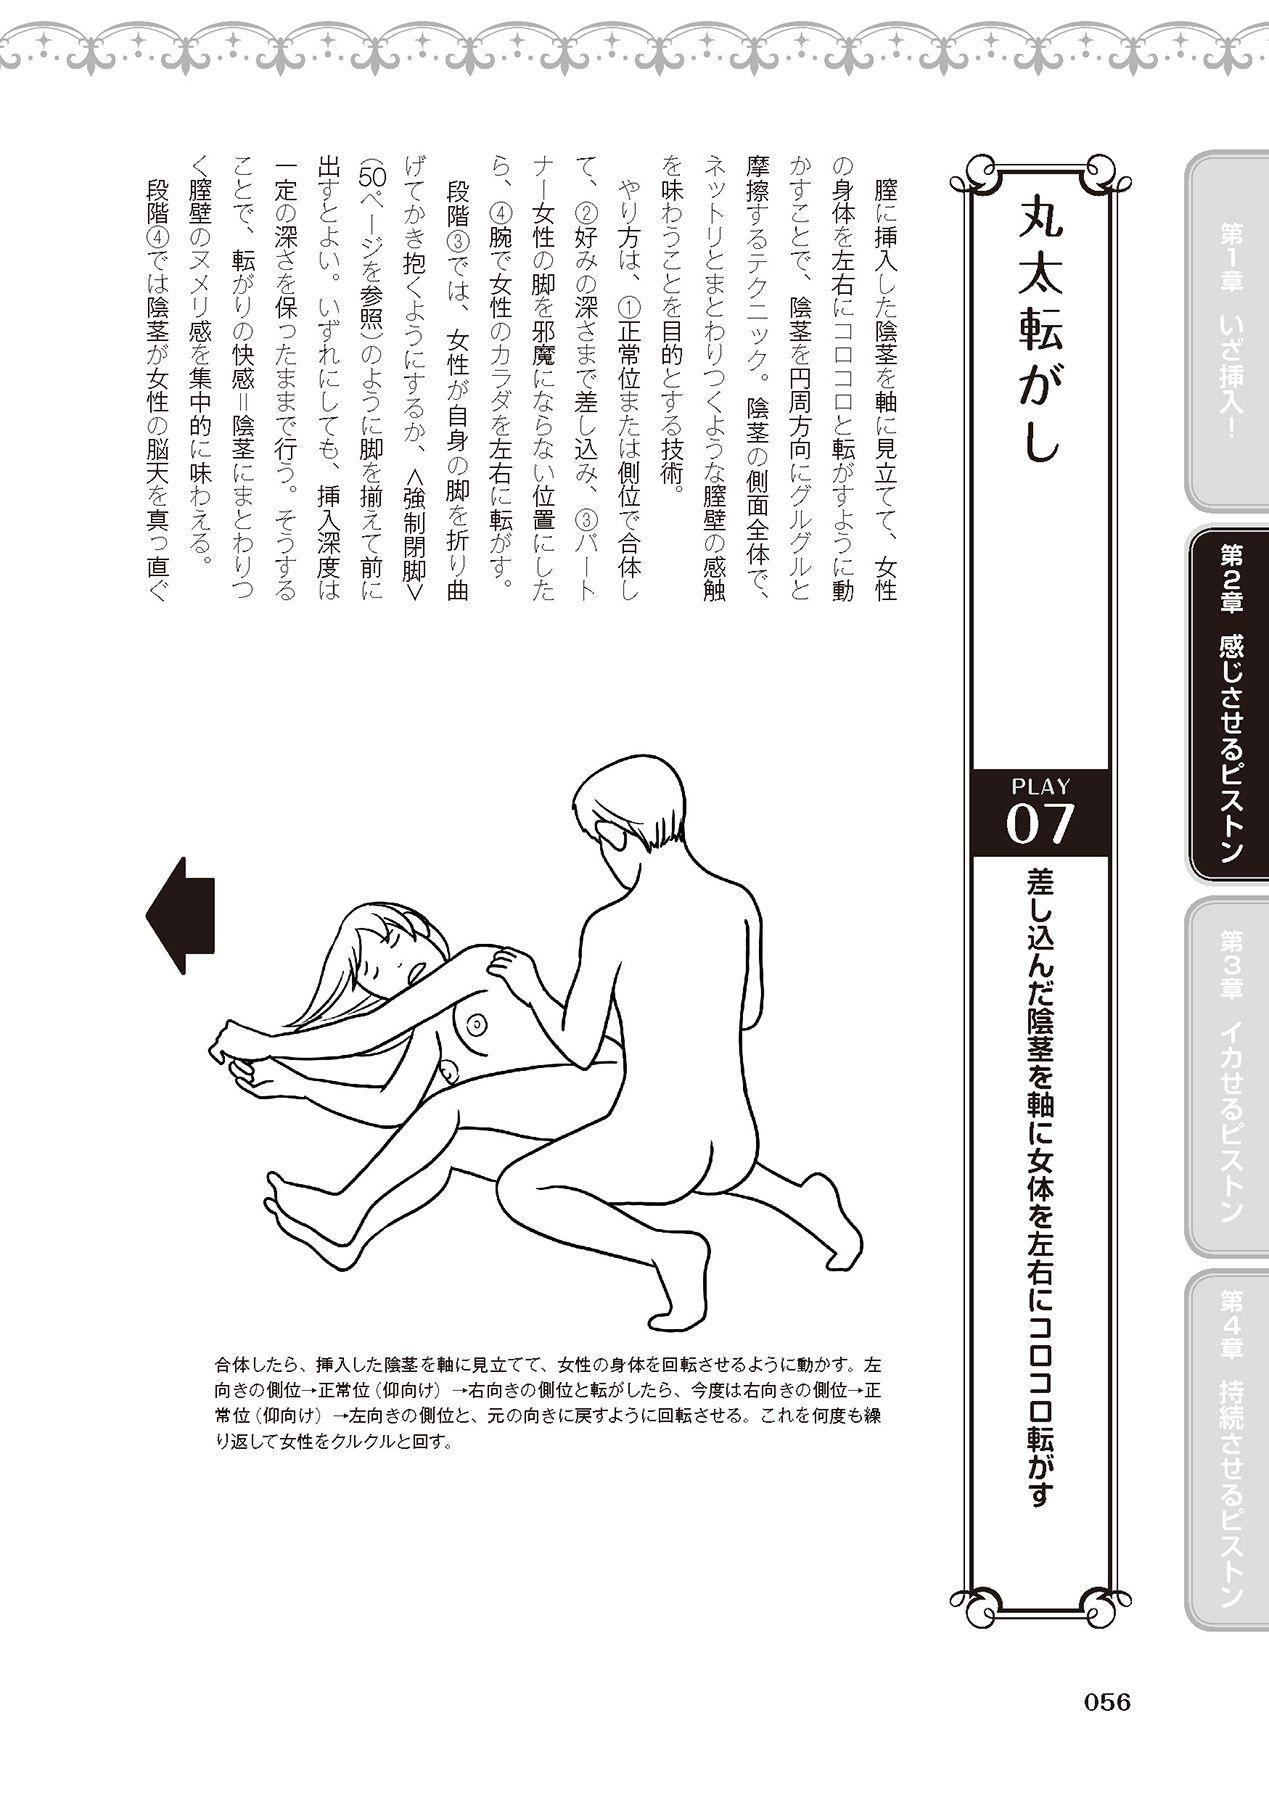 膣挿入&ピストン運動完全マニュアル イラスト版……ピスとんッ! 57